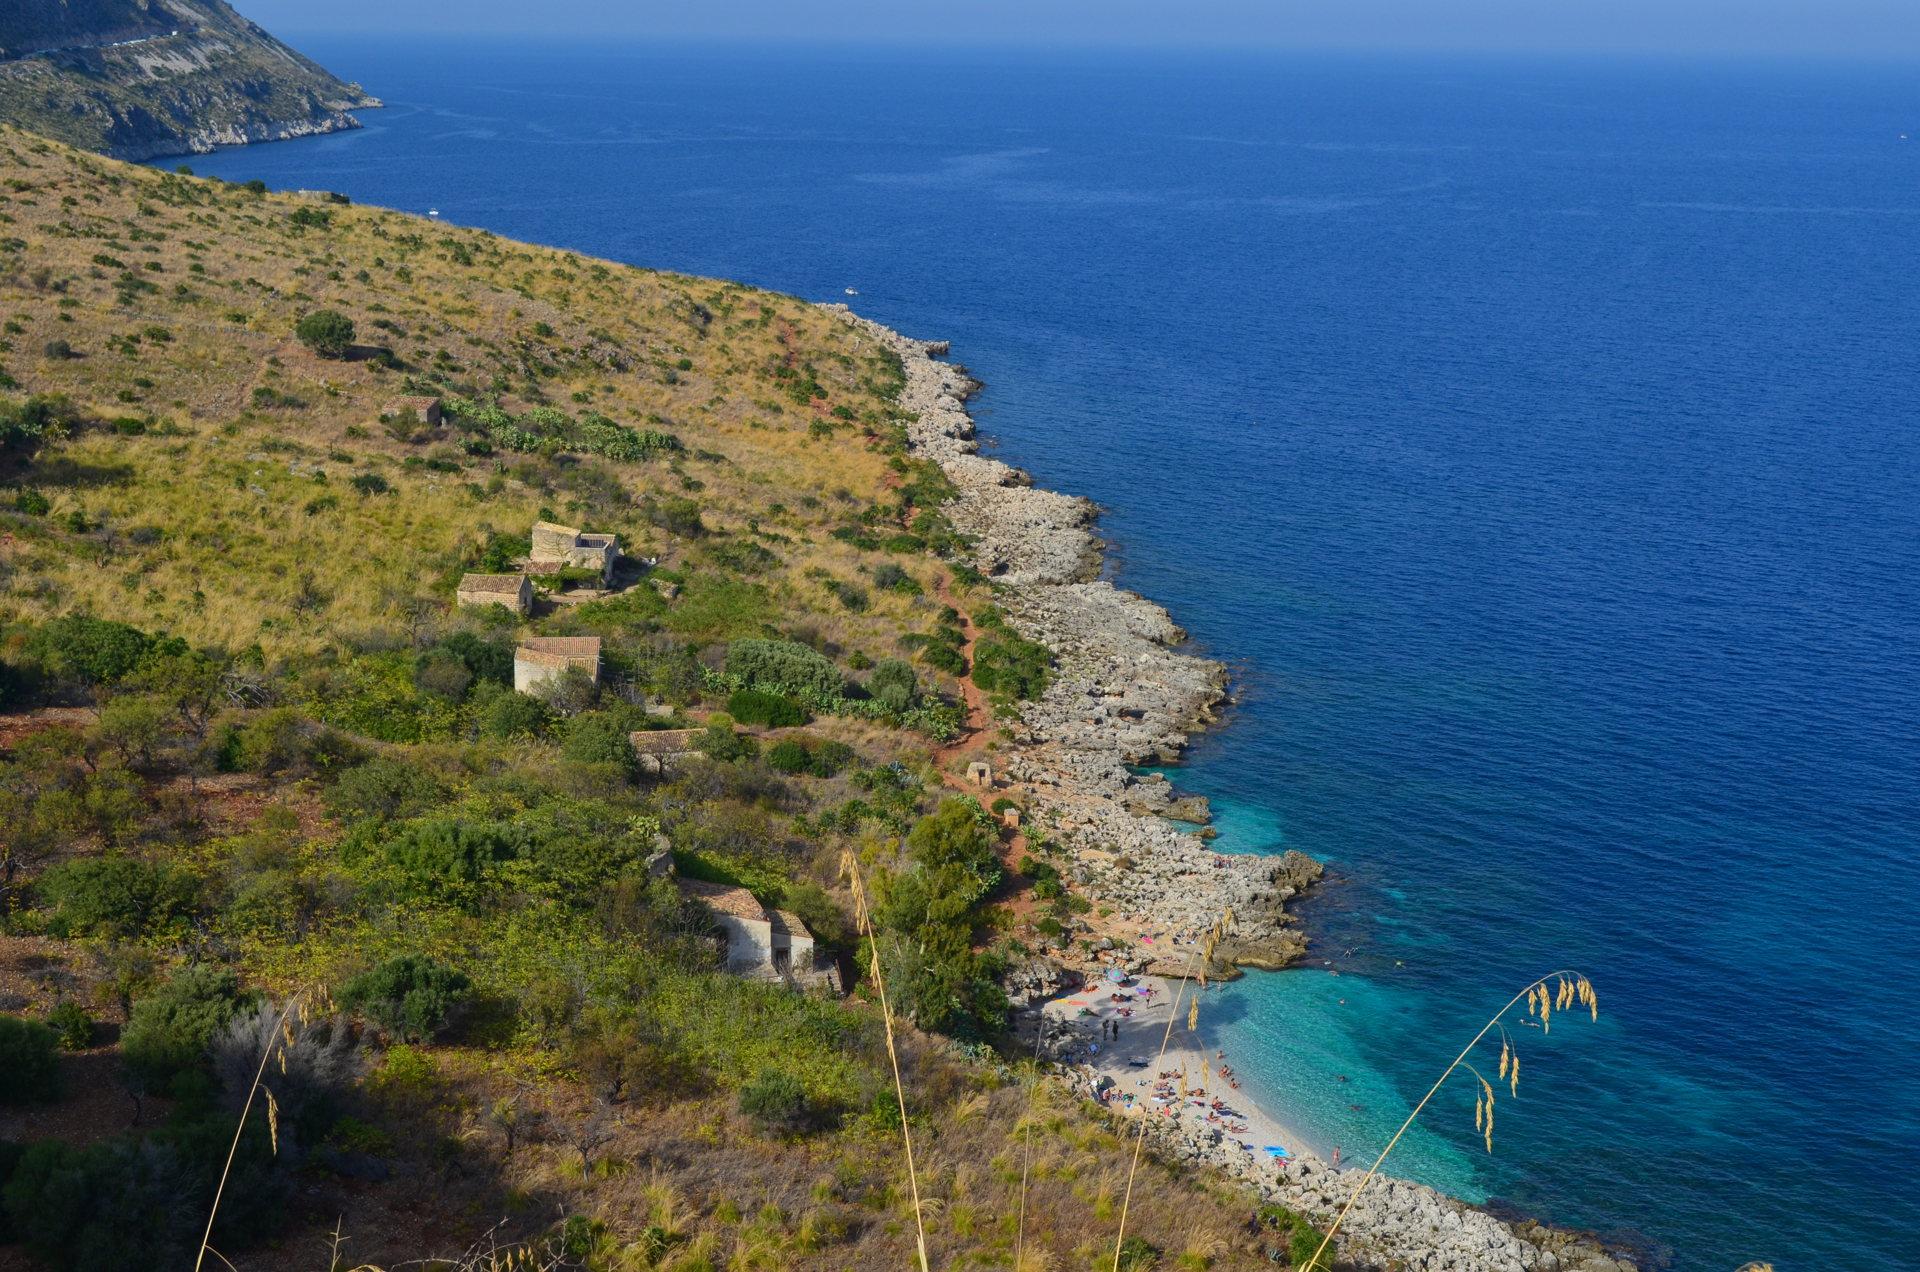 Cala dell'Uzzo, Cala dell'Uzzo beach, best beach of sicily, best beach of zingaro, zingaro nature reserve beaches, italy beaches, zingaro